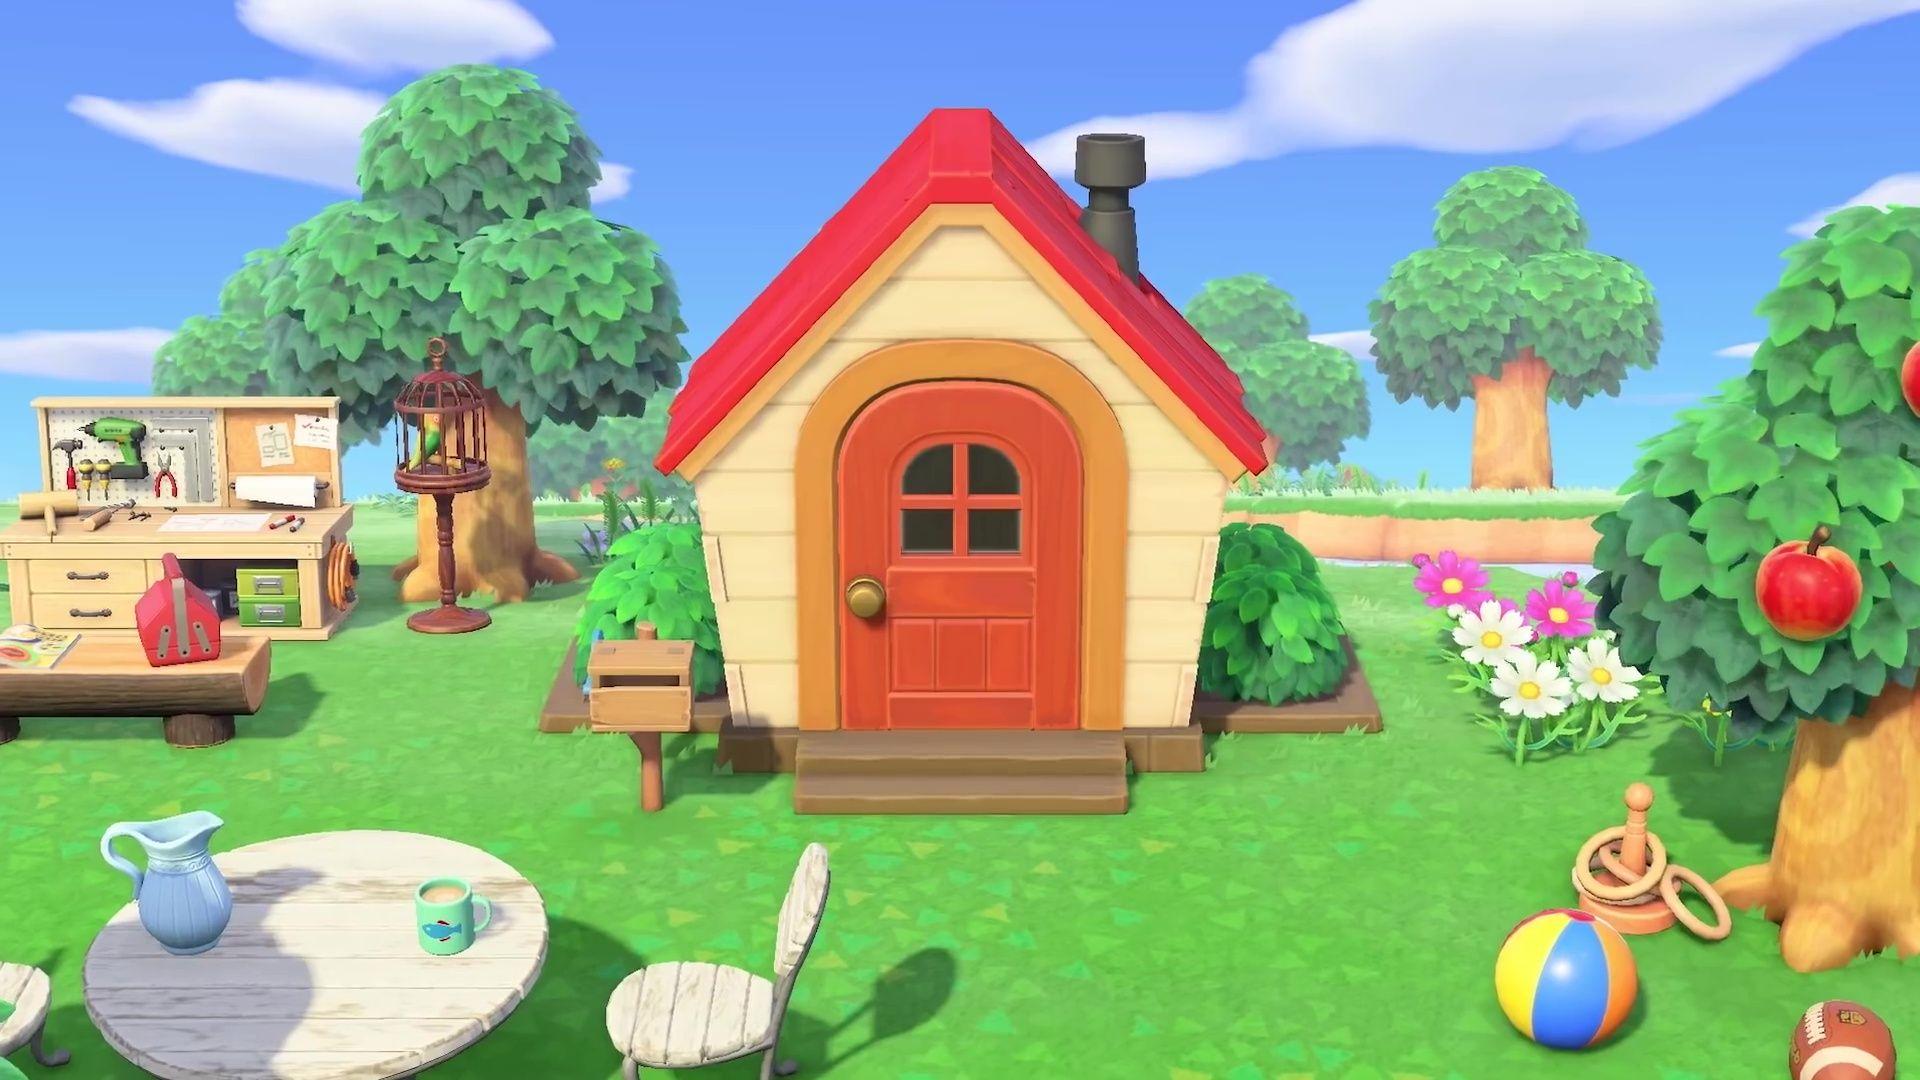 Nhà là biểu tượng của bình yên, ấm no và sung túc - Mơ thấy chuyển nhà có ý nghĩa gì?